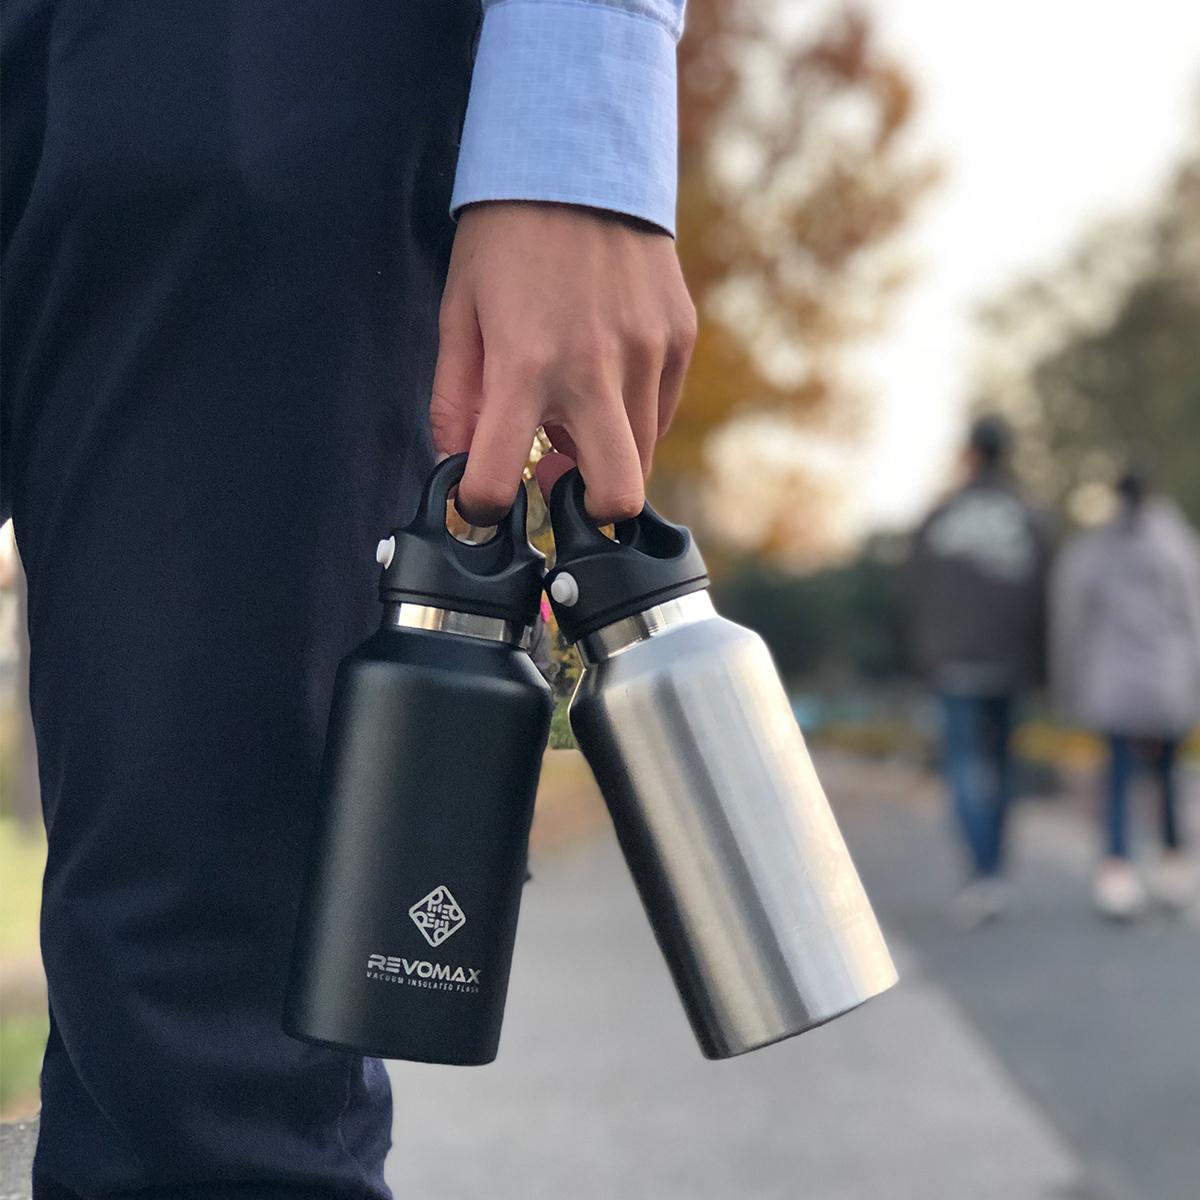 キャップ上部のリングに、指をかけて運べるので、バッグからの取り出しや持ち歩きもスマートな「マイボトル」|REVOMAX(レボマックス)